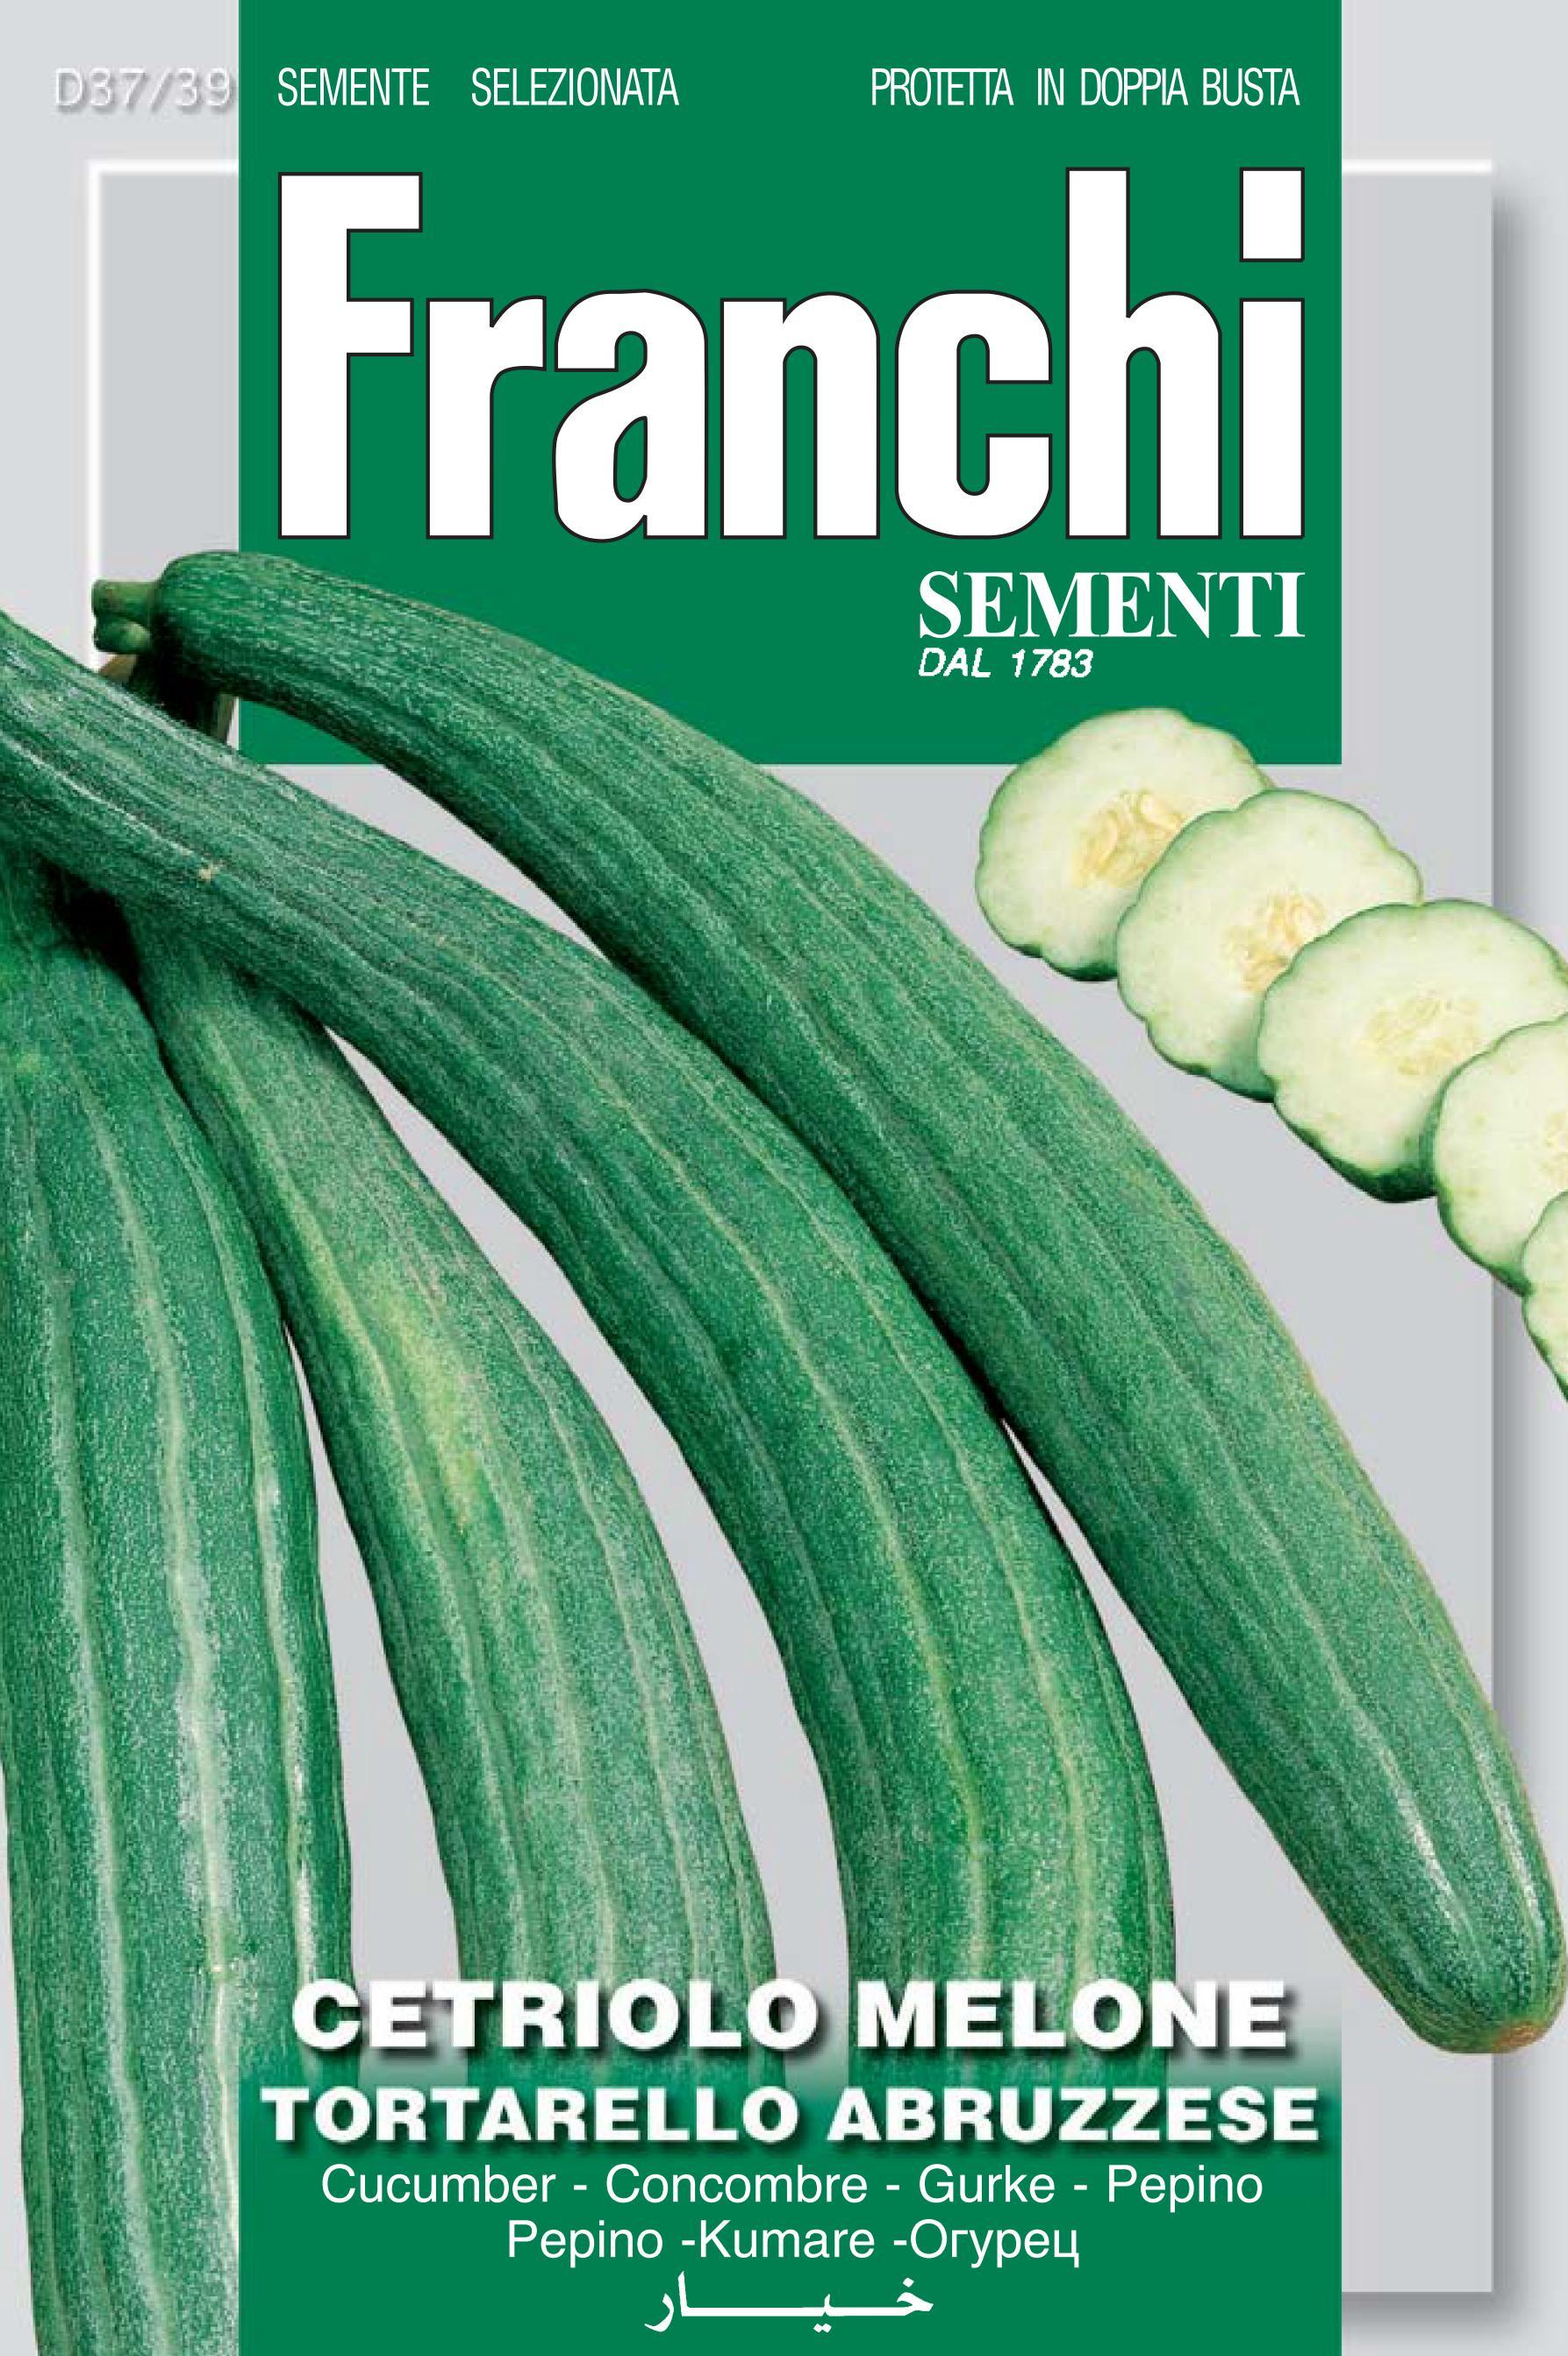 Cucumber melon Tortarello Abruzzo Save 46p